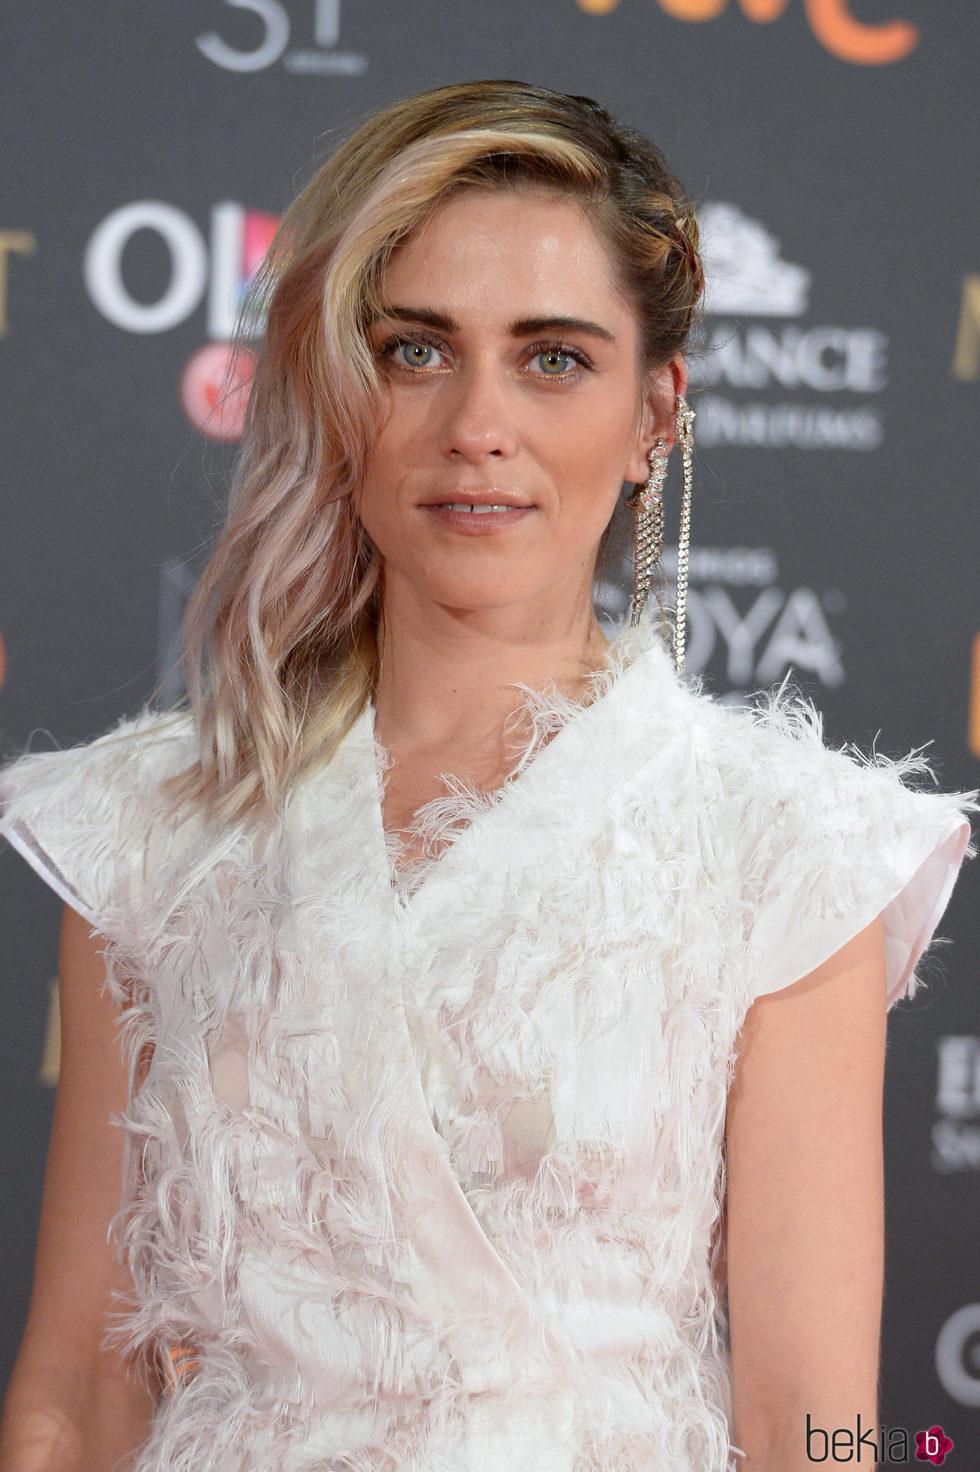 María León apuesta por un look edgy para la alfombra roja de los premios Goya 2017